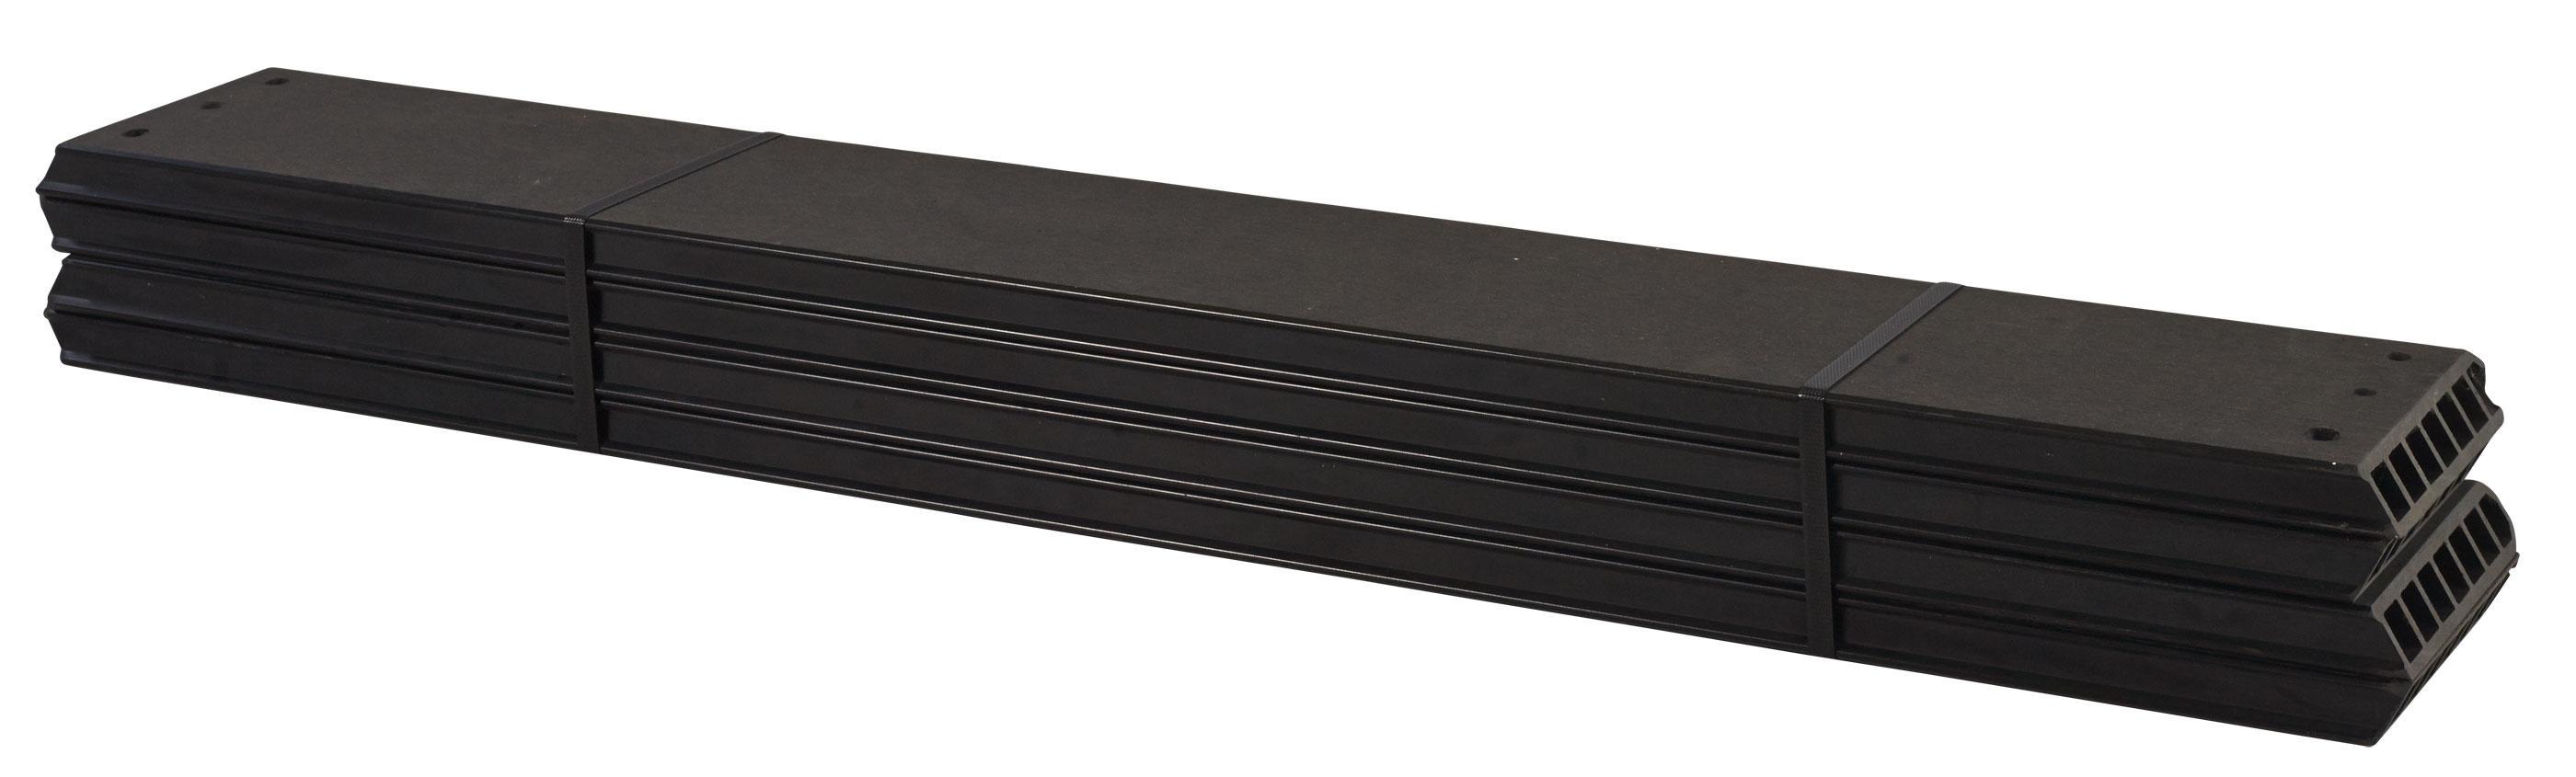 wpc planken f r pipe modulsystem 4 st ck schiefergrau l nge 120 cm bei. Black Bedroom Furniture Sets. Home Design Ideas